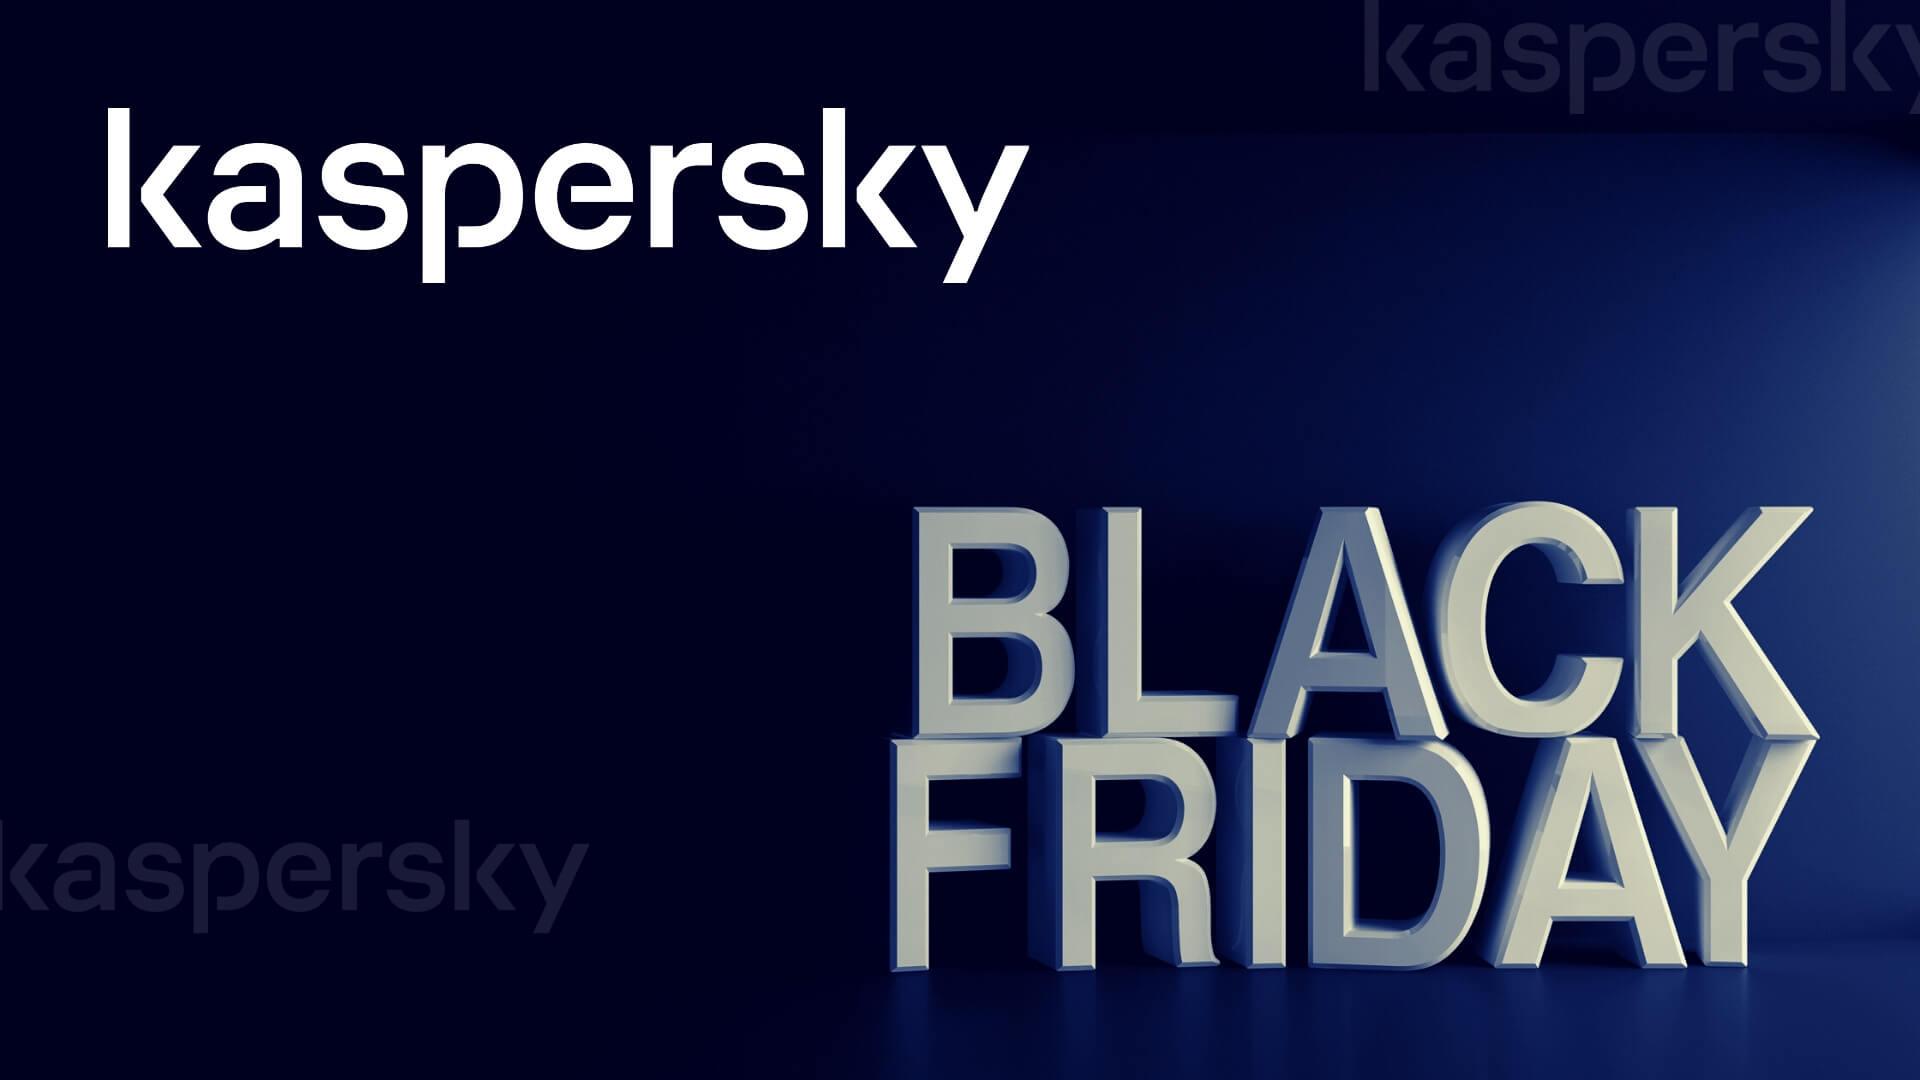 Kaspersky: nel 2020 spenderemo di più online per il Black Friday